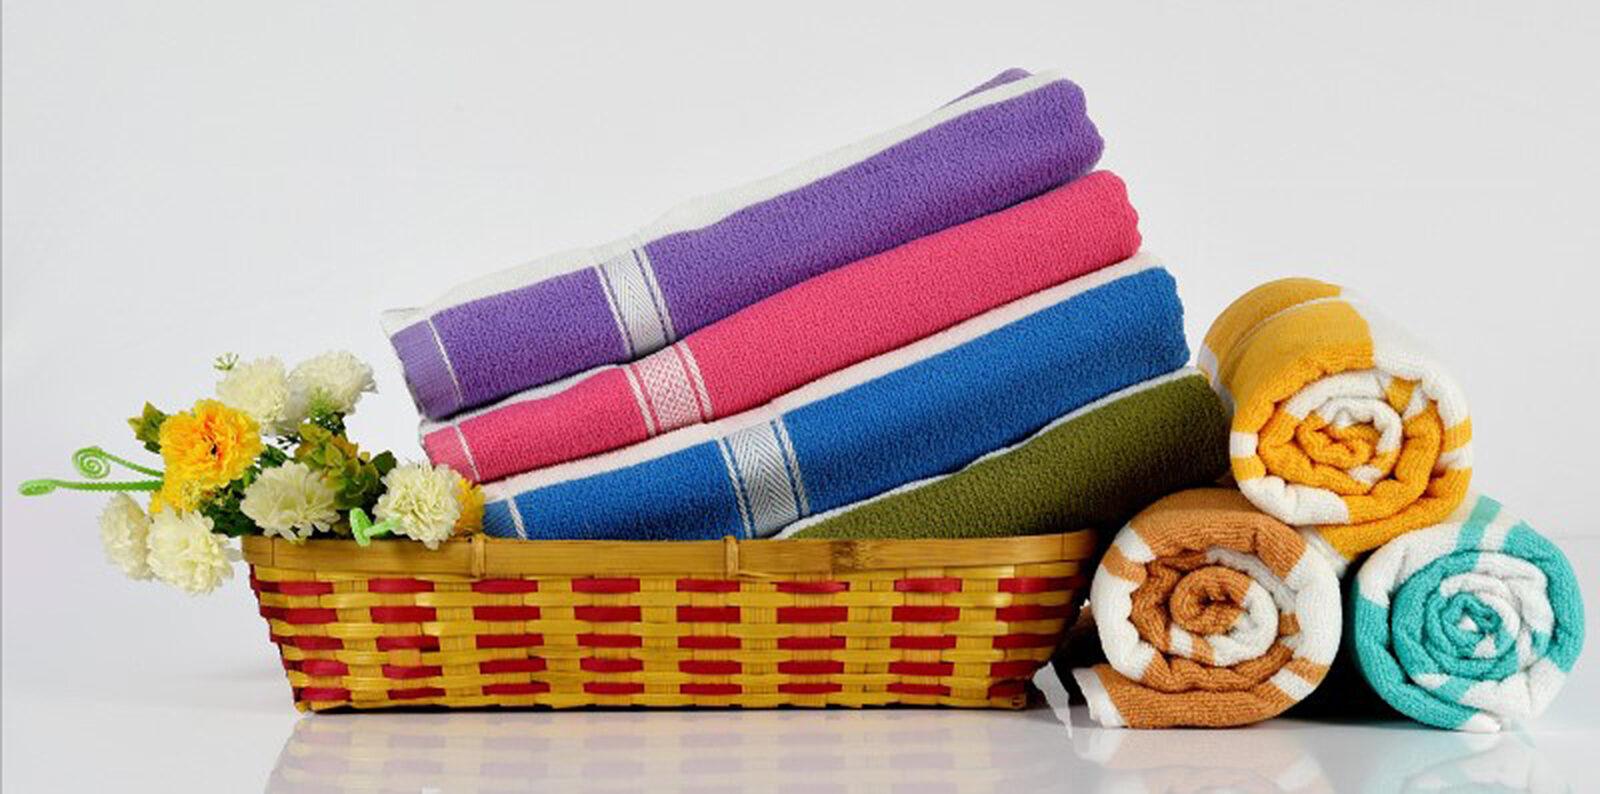 M/s. Adagatla Textiles